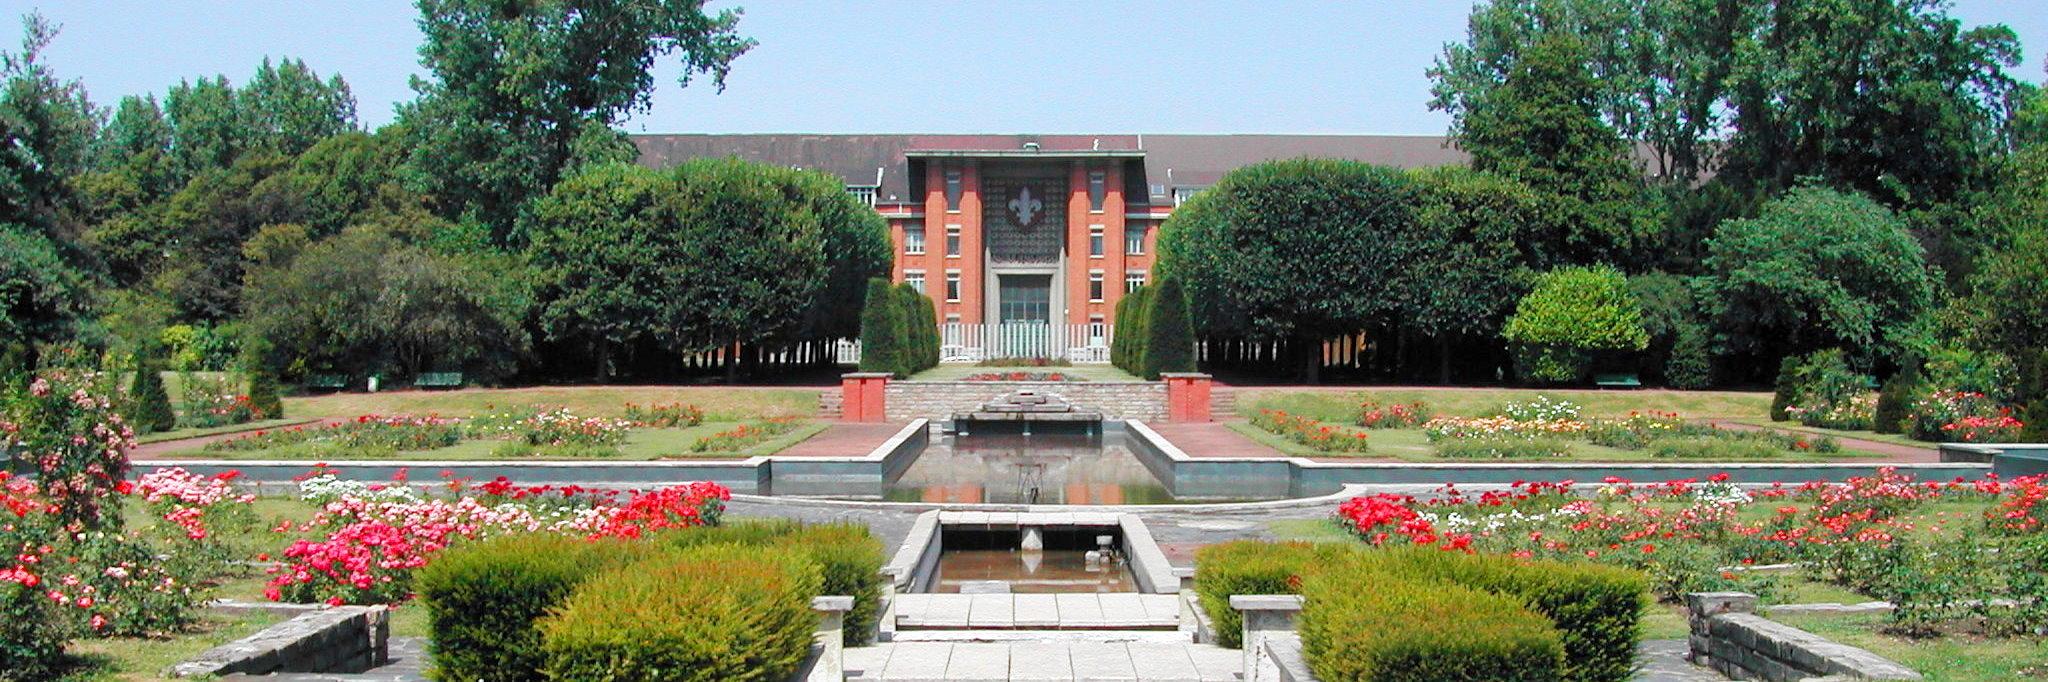 L'entrée historique du lycée Baggio. Vue du jardin des plantes.